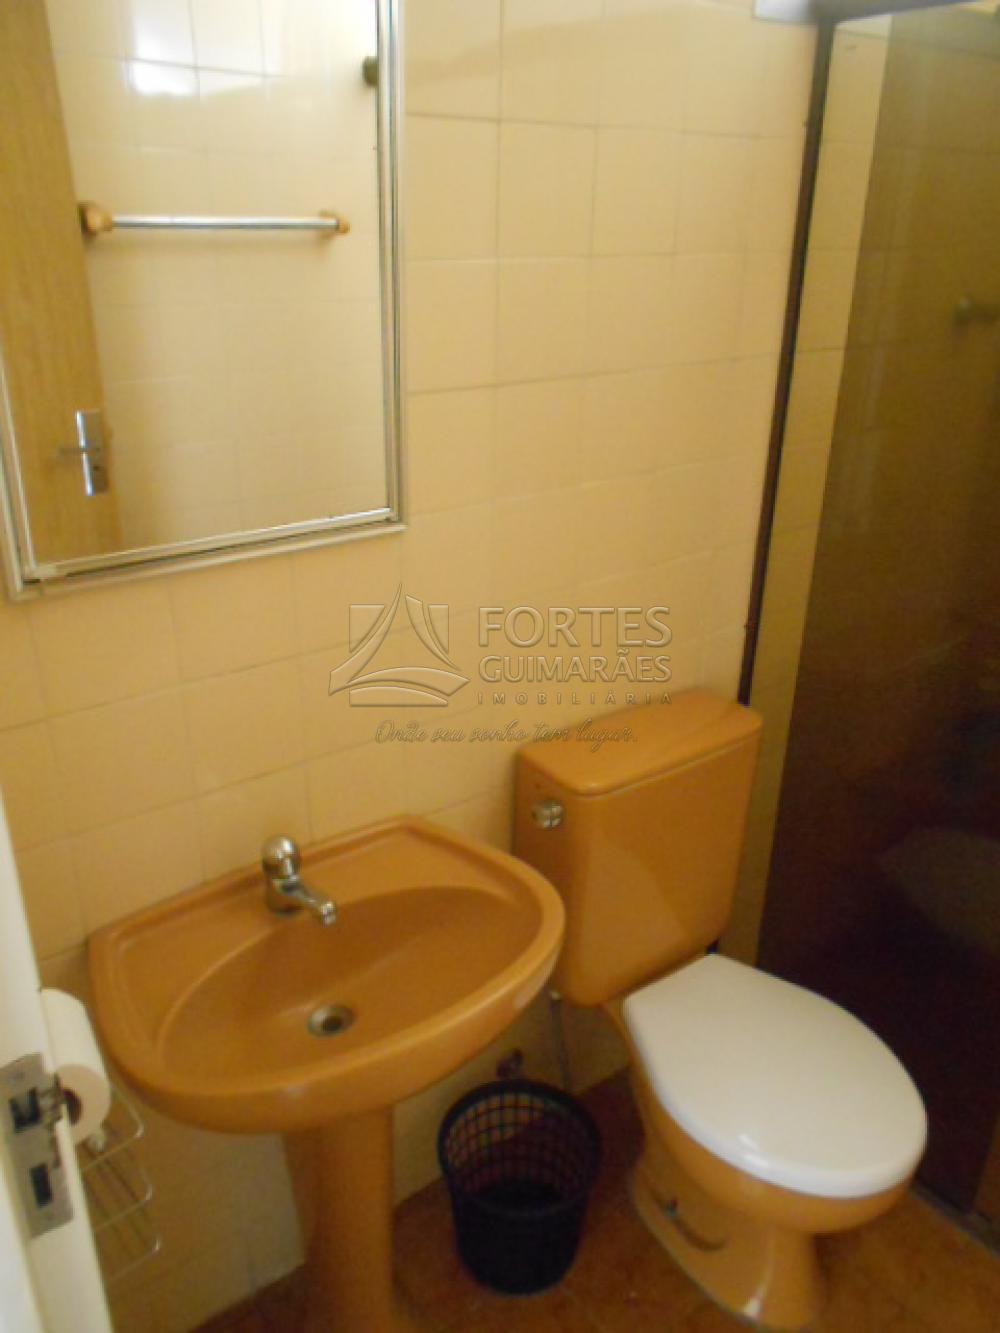 Alugar Apartamentos / Padrão em Ribeirão Preto apenas R$ 750,00 - Foto 17